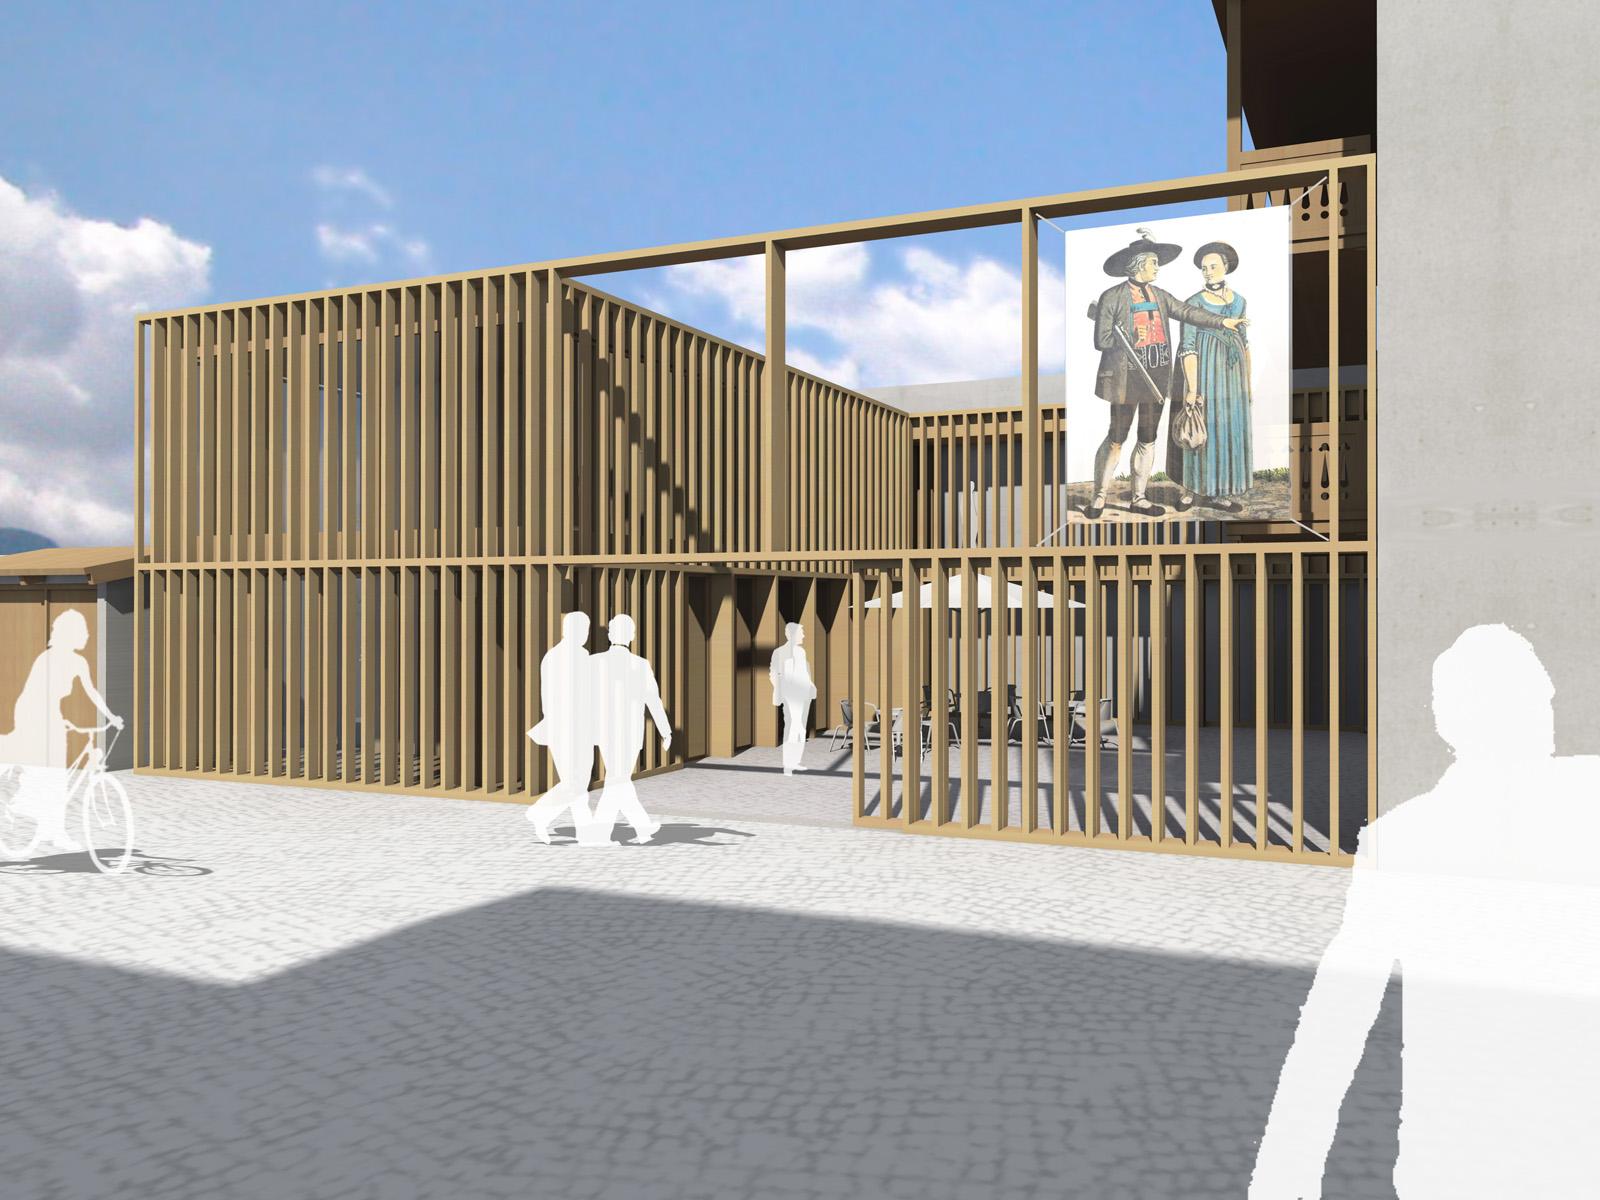 Perspektive-Wettbewerb-Werdenfels-Museum-Garmisch-Partenkirchen-3.Preis-2013-© Friedrich-Poerschke-Zwink-Architekten